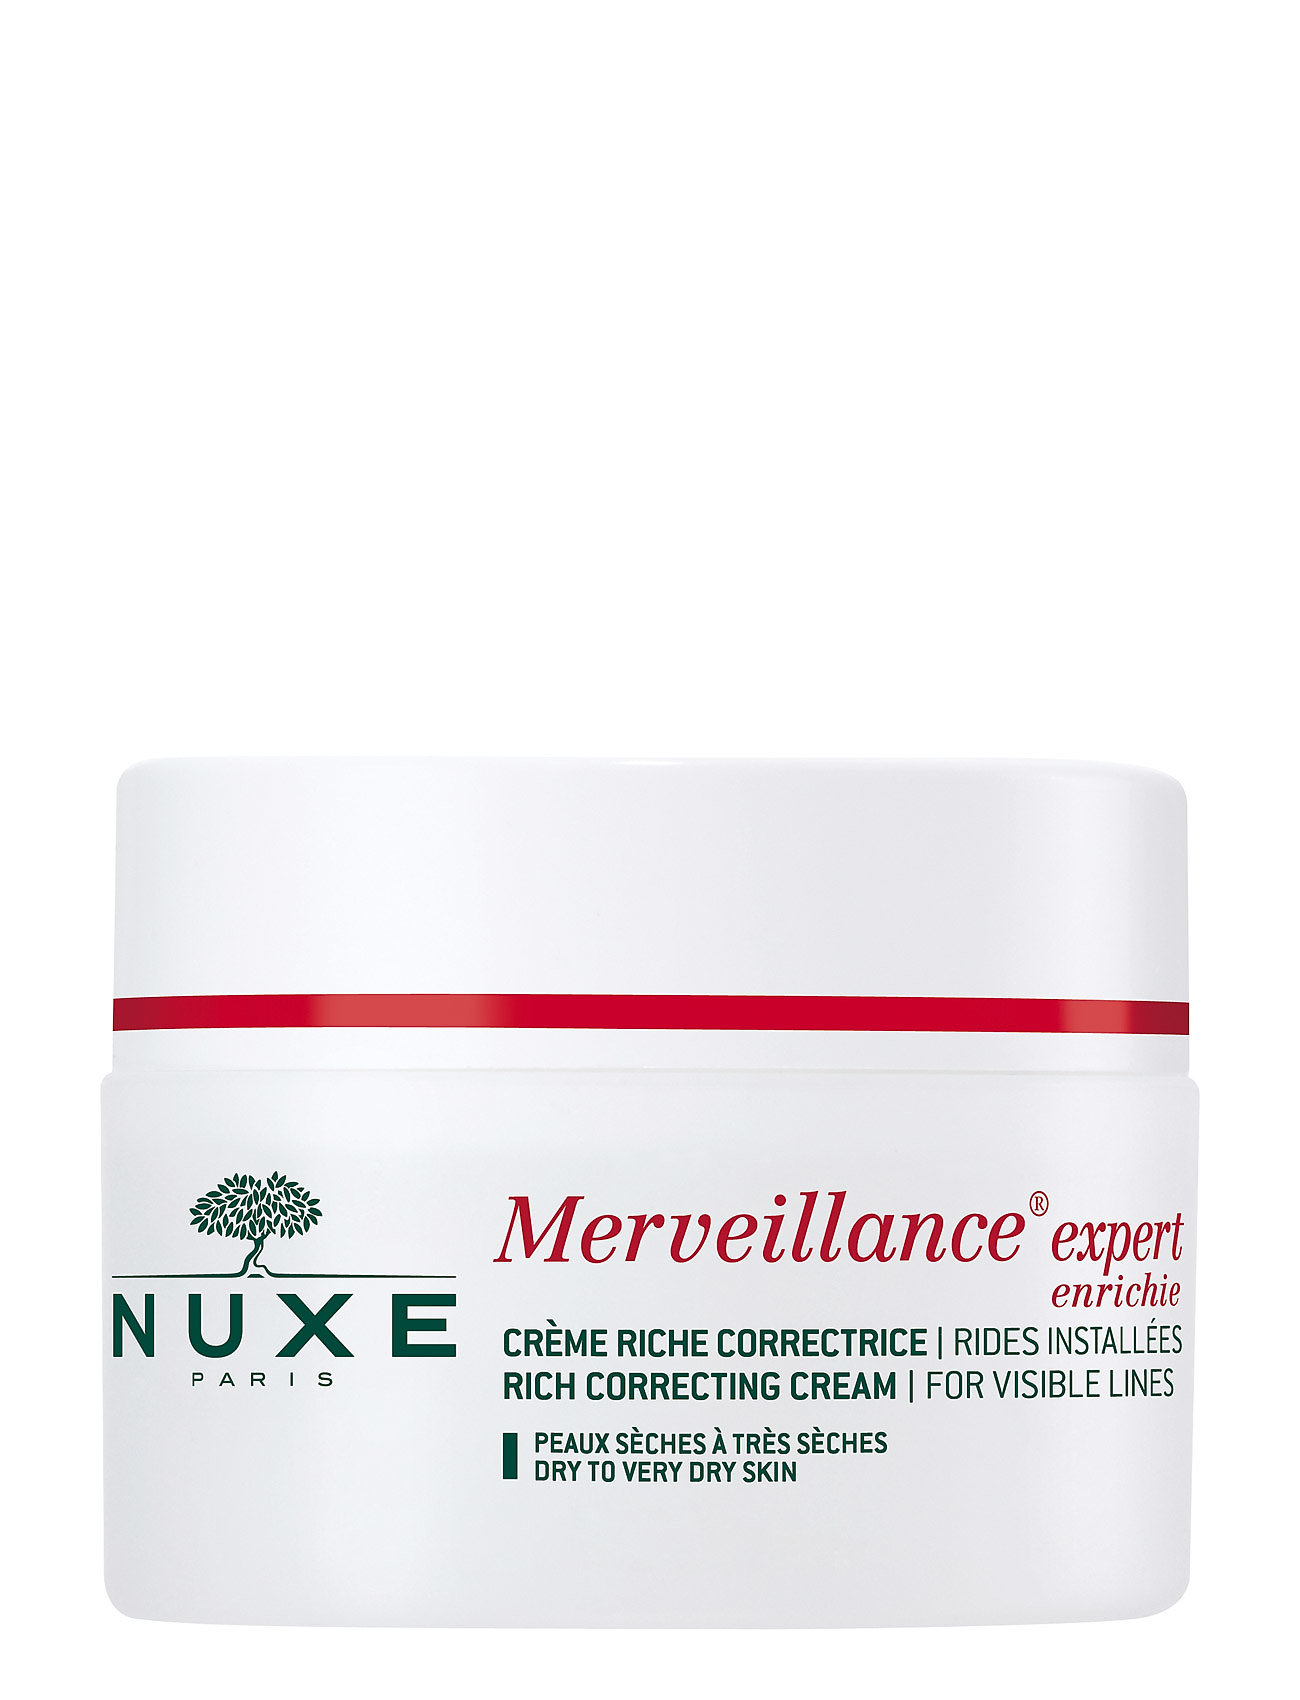 Merveillance expert enriche day cream fra nuxe på boozt.com dk